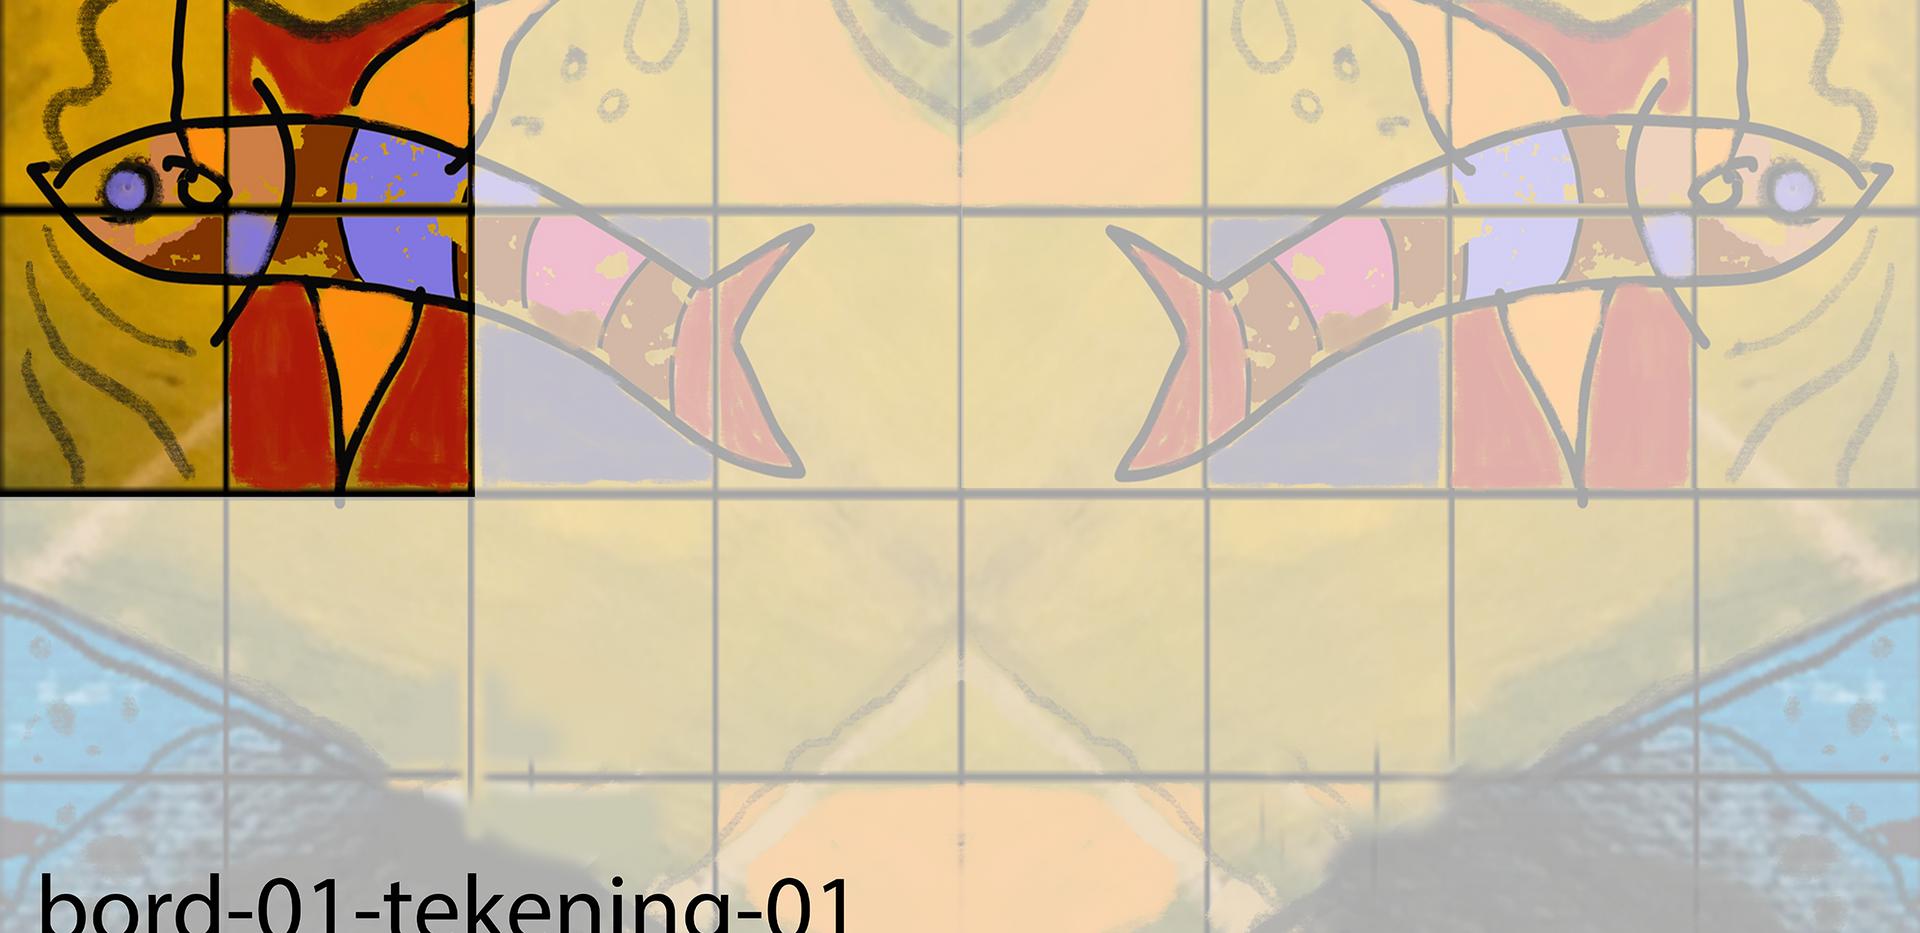 bord-01-tekening-01.png